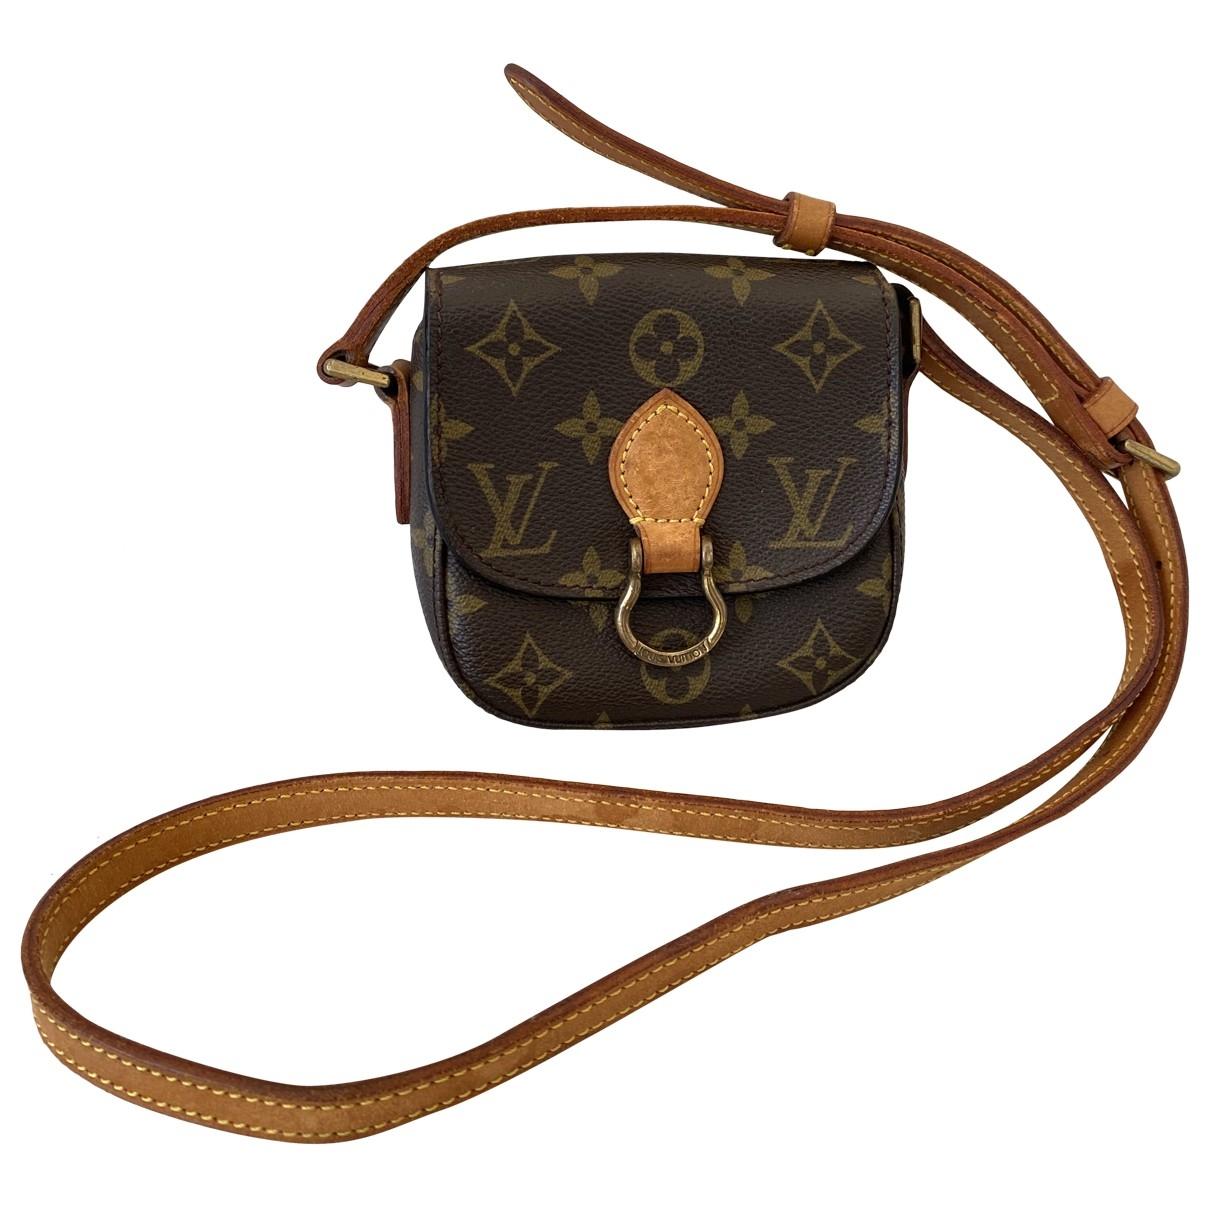 Louis Vuitton - Sac a main Saint Cloud vintage pour femme en toile - marron